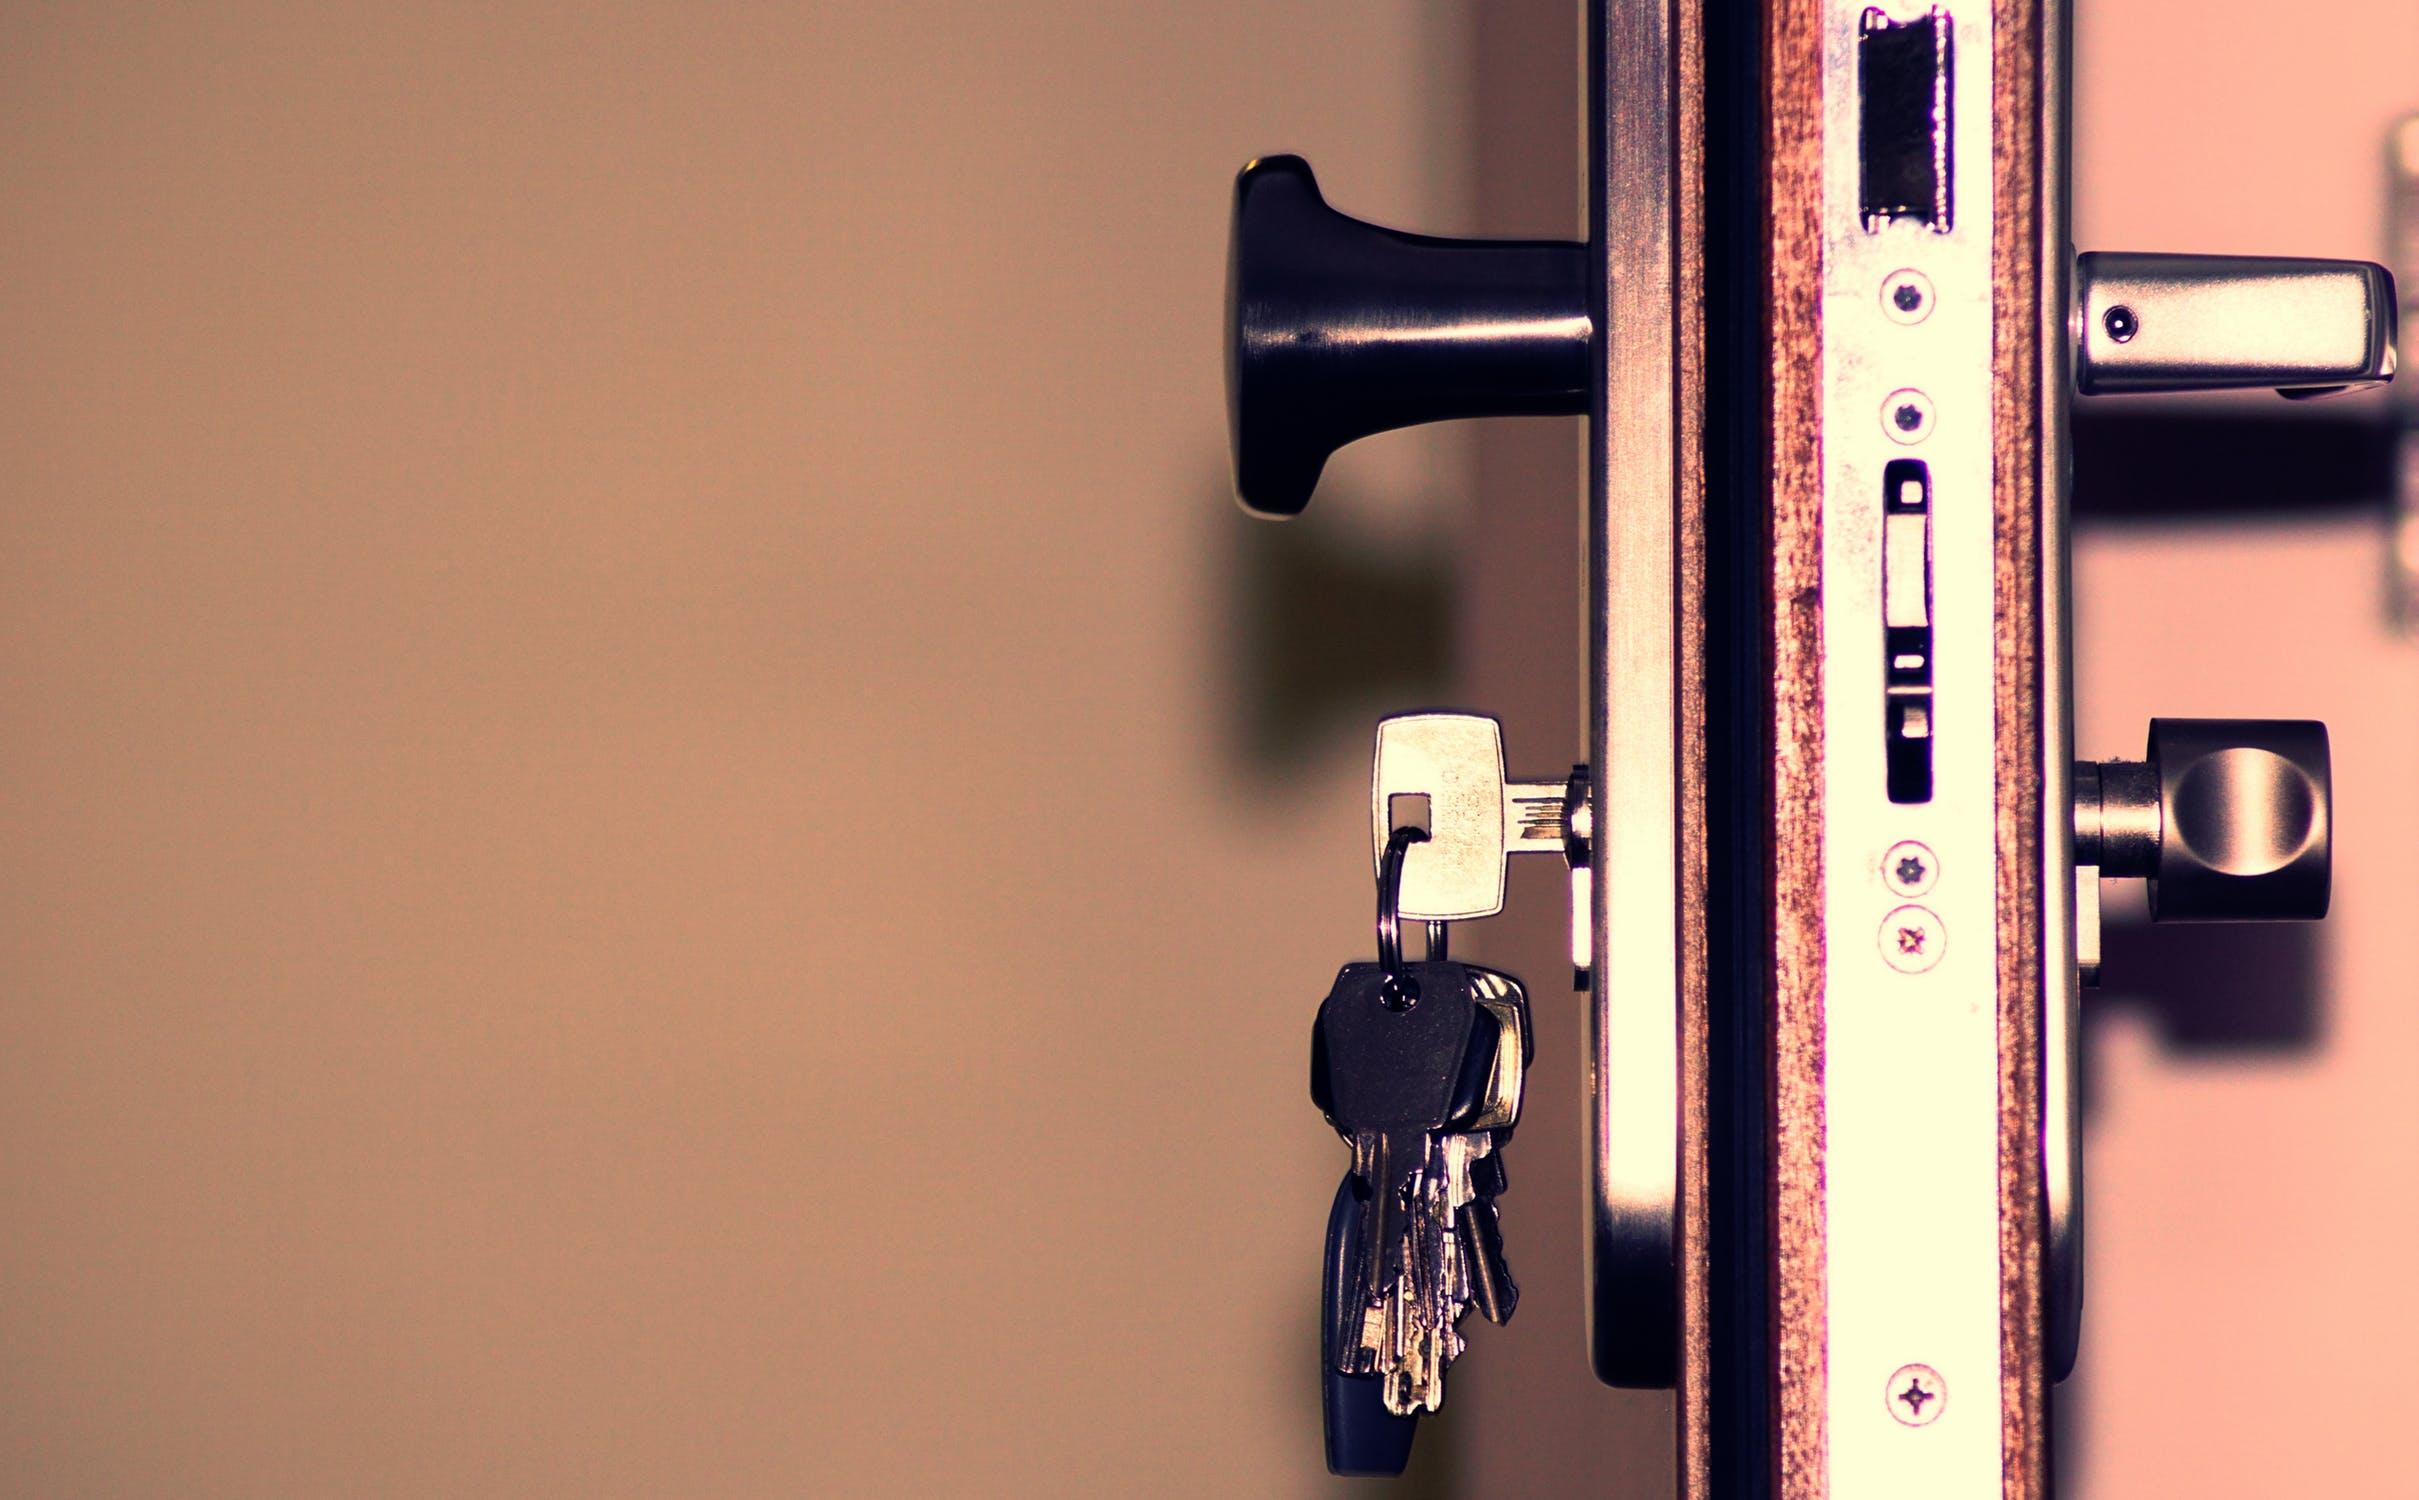 Jak otevřít zabouchnuté dveře?